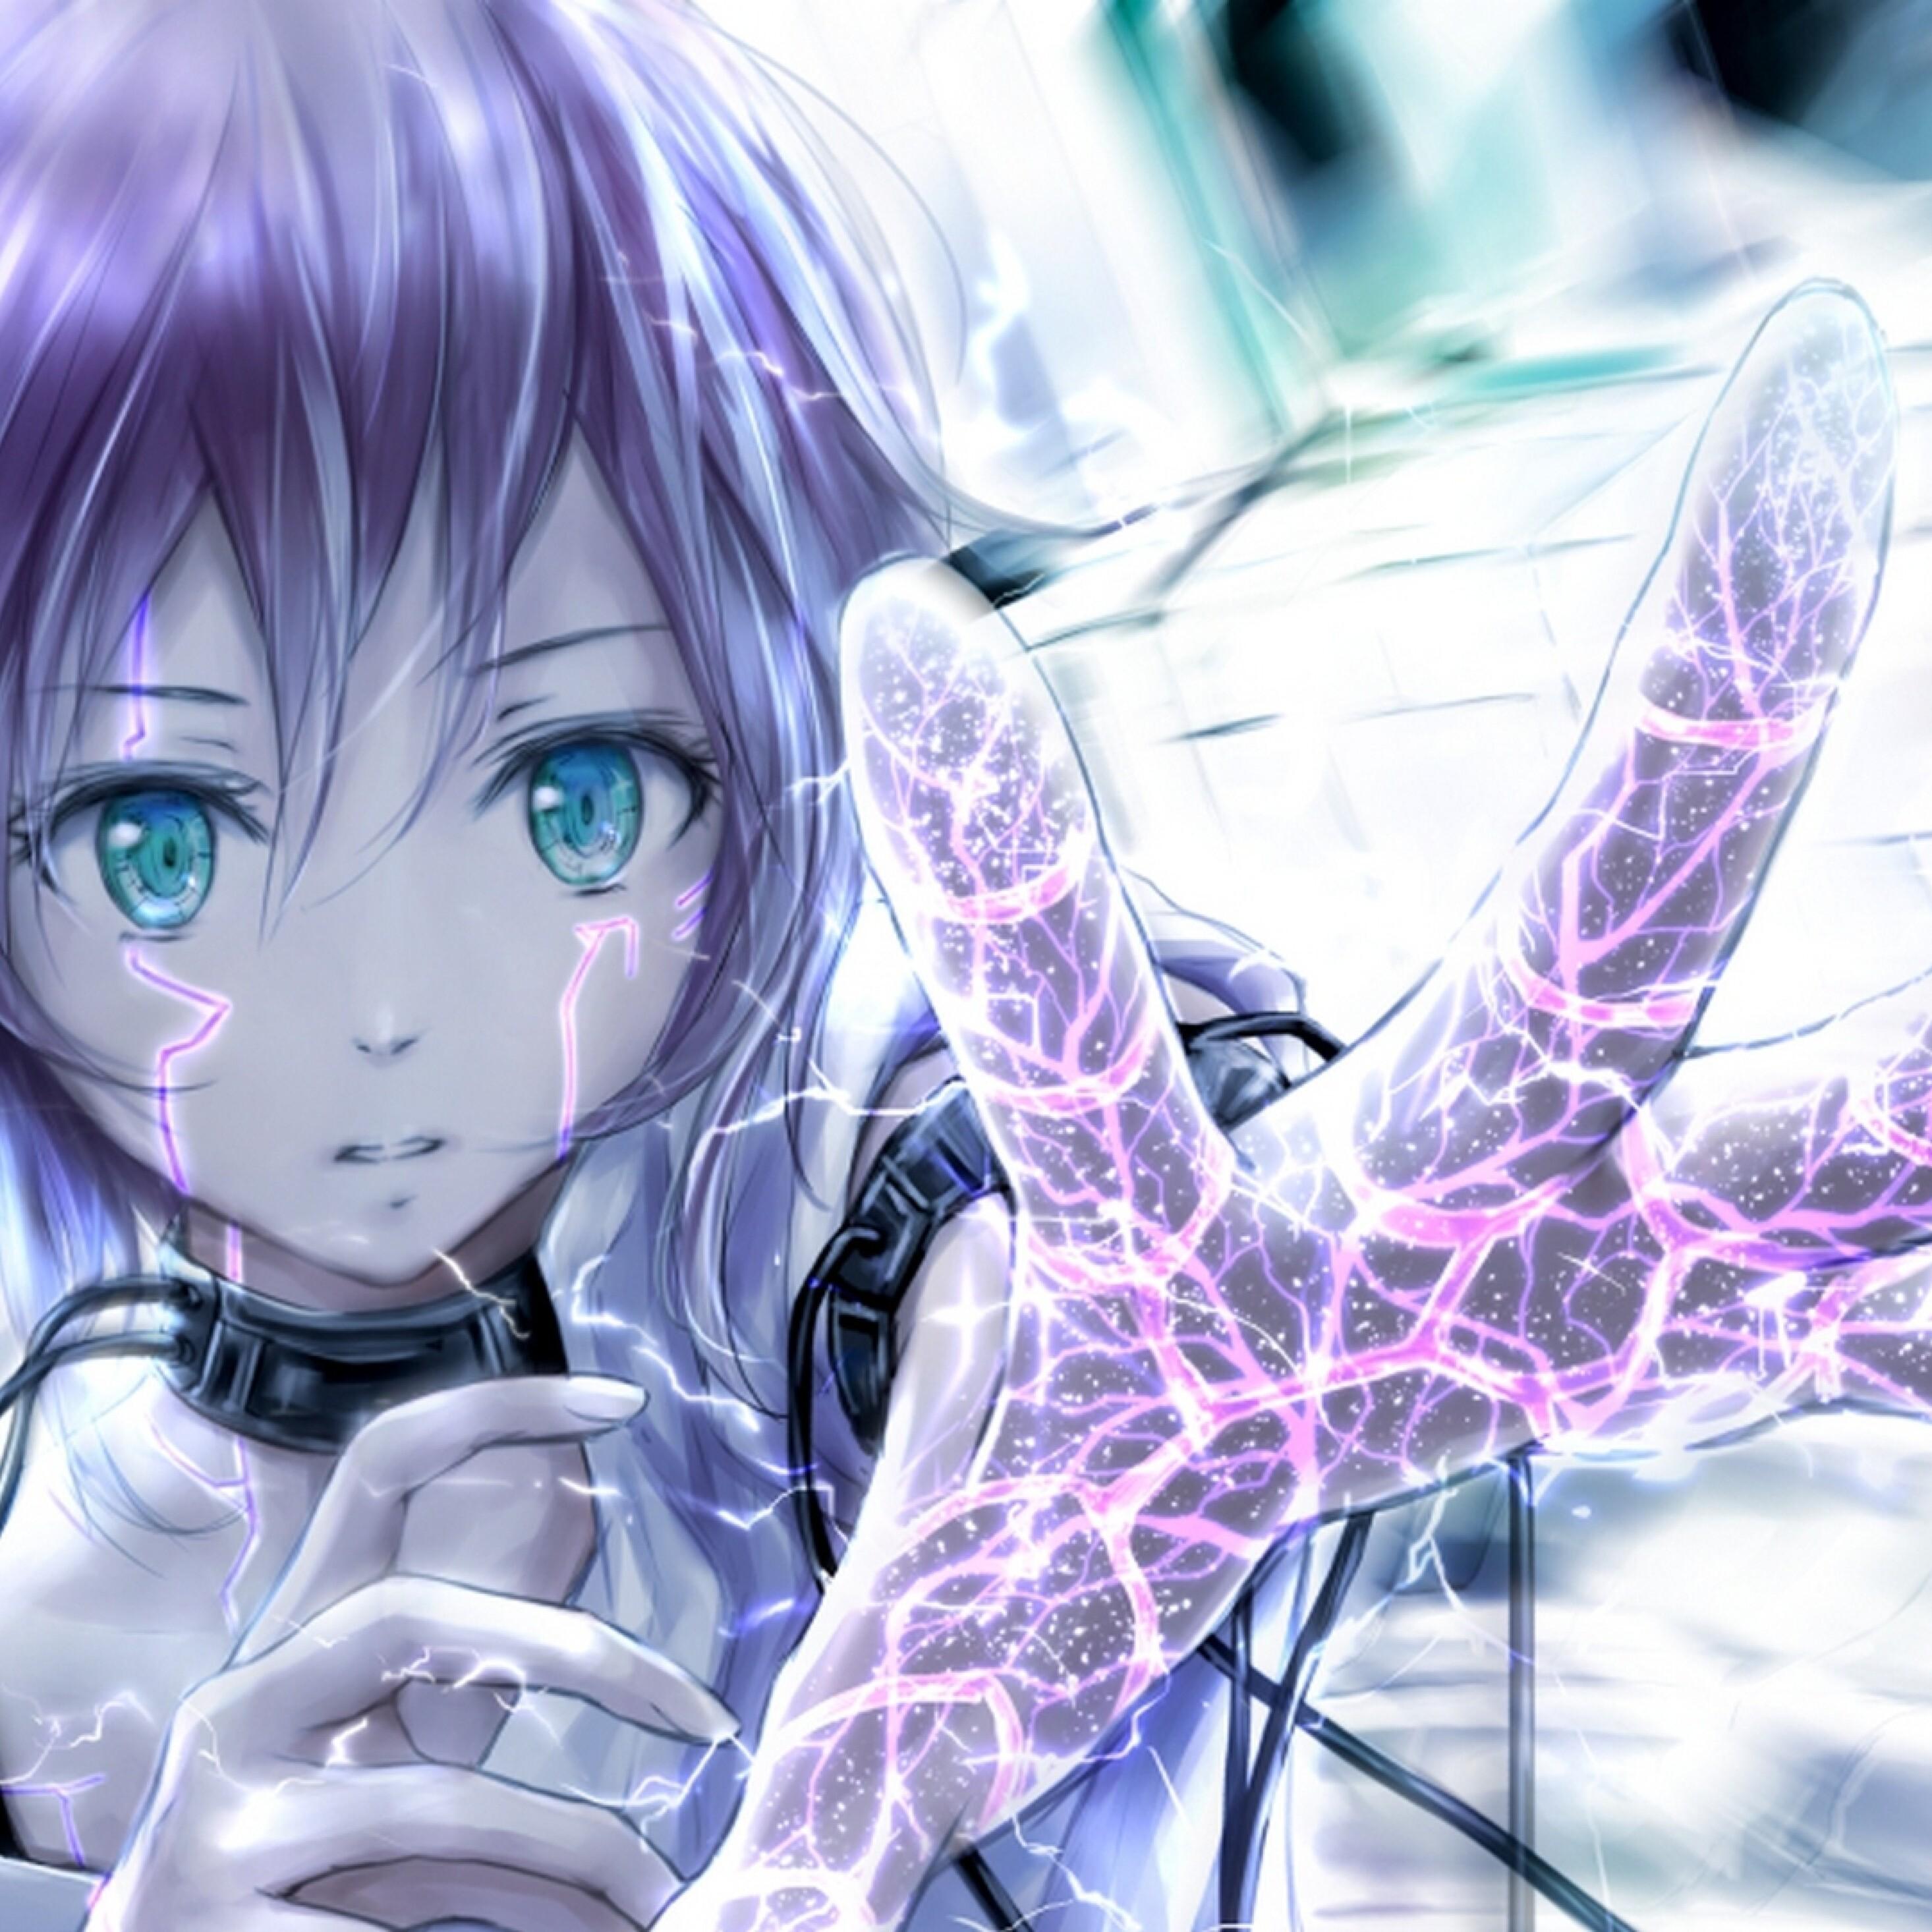 2932x2932 Anime Art Girl Ipad Pro Retina Display HD 4k ...